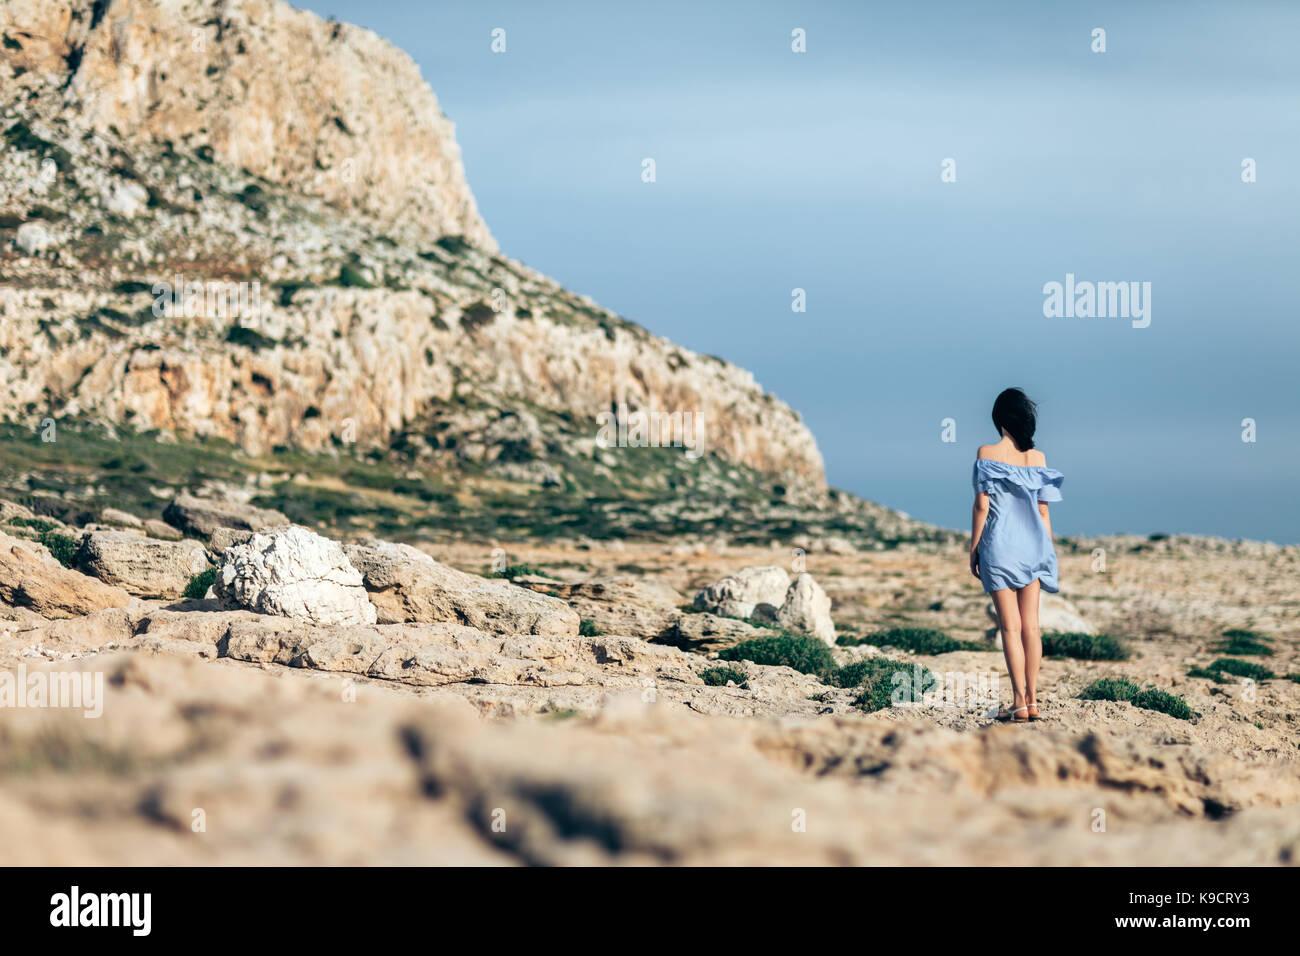 Zurück Blick auf einsame Frau zu Fuß auf steinige Wüste mit dramatischen Himmel Stockbild